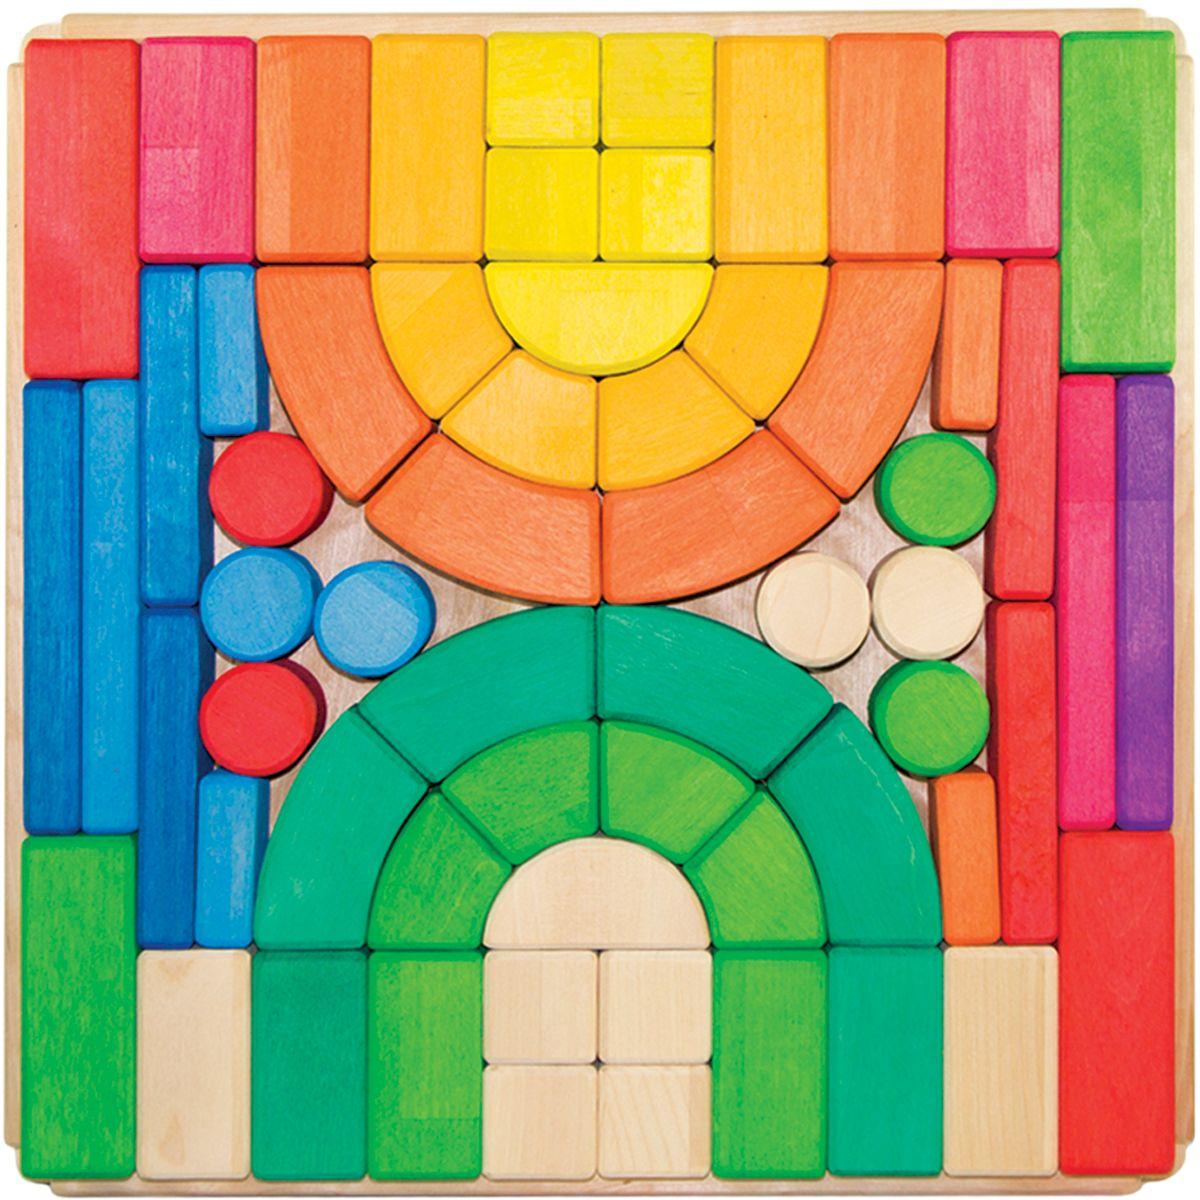 Деревяшкино Кубики строительные 3,5 см123Развивающая деревянная головоломка-конструктор (средней степени сложности) подходит для мальчиков и девочек в возрасте от 3лет, состоит из 62 деталей. Можно раскладывать фигуры в заданной последовательности: круг, треугольник, квадрат; составлять объемные башенки из брусков, плоские картинки из кругов или квадратов разного размера, елки — из треугольников. Собирать фигуры одного цвета или одного размера. Дети знакомятся с названиями, характерными признаками и формой геометрических фигур. Развивают координацию, фантазию, пространственное мышление, обучают элементарным вещам: почему что-то стоит, а что-то падает и т.д. Экологически чистый продукт: изготовлено из массива березы. Игрушка раскрашена пищевой водостойкой краской, что делает взаимодействие с изделием абсолютно безопасным: никаких лаков, «химии» или добавок.